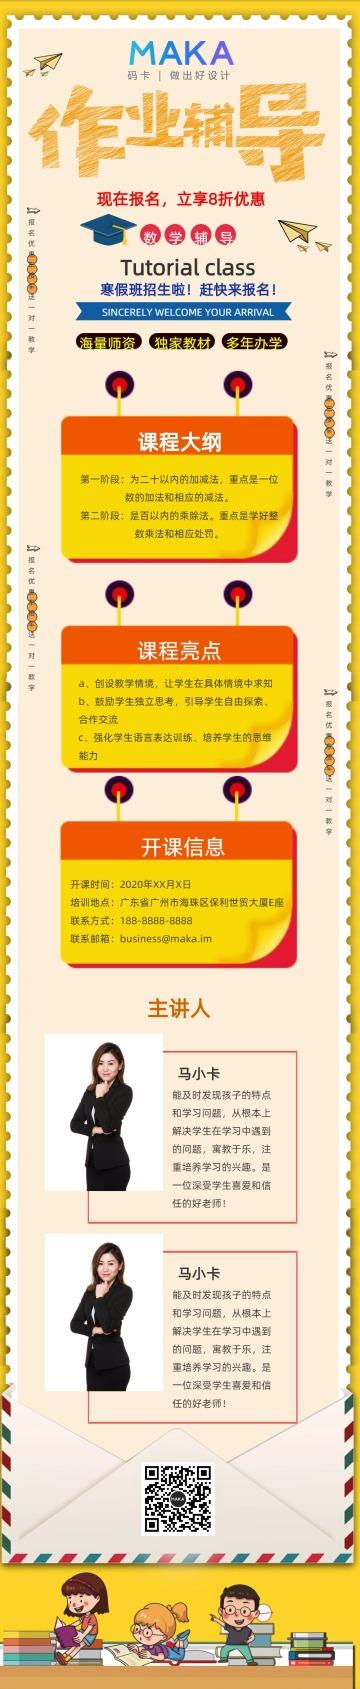 黄色简约插画风格中小学培训班补课课程信息通用模版